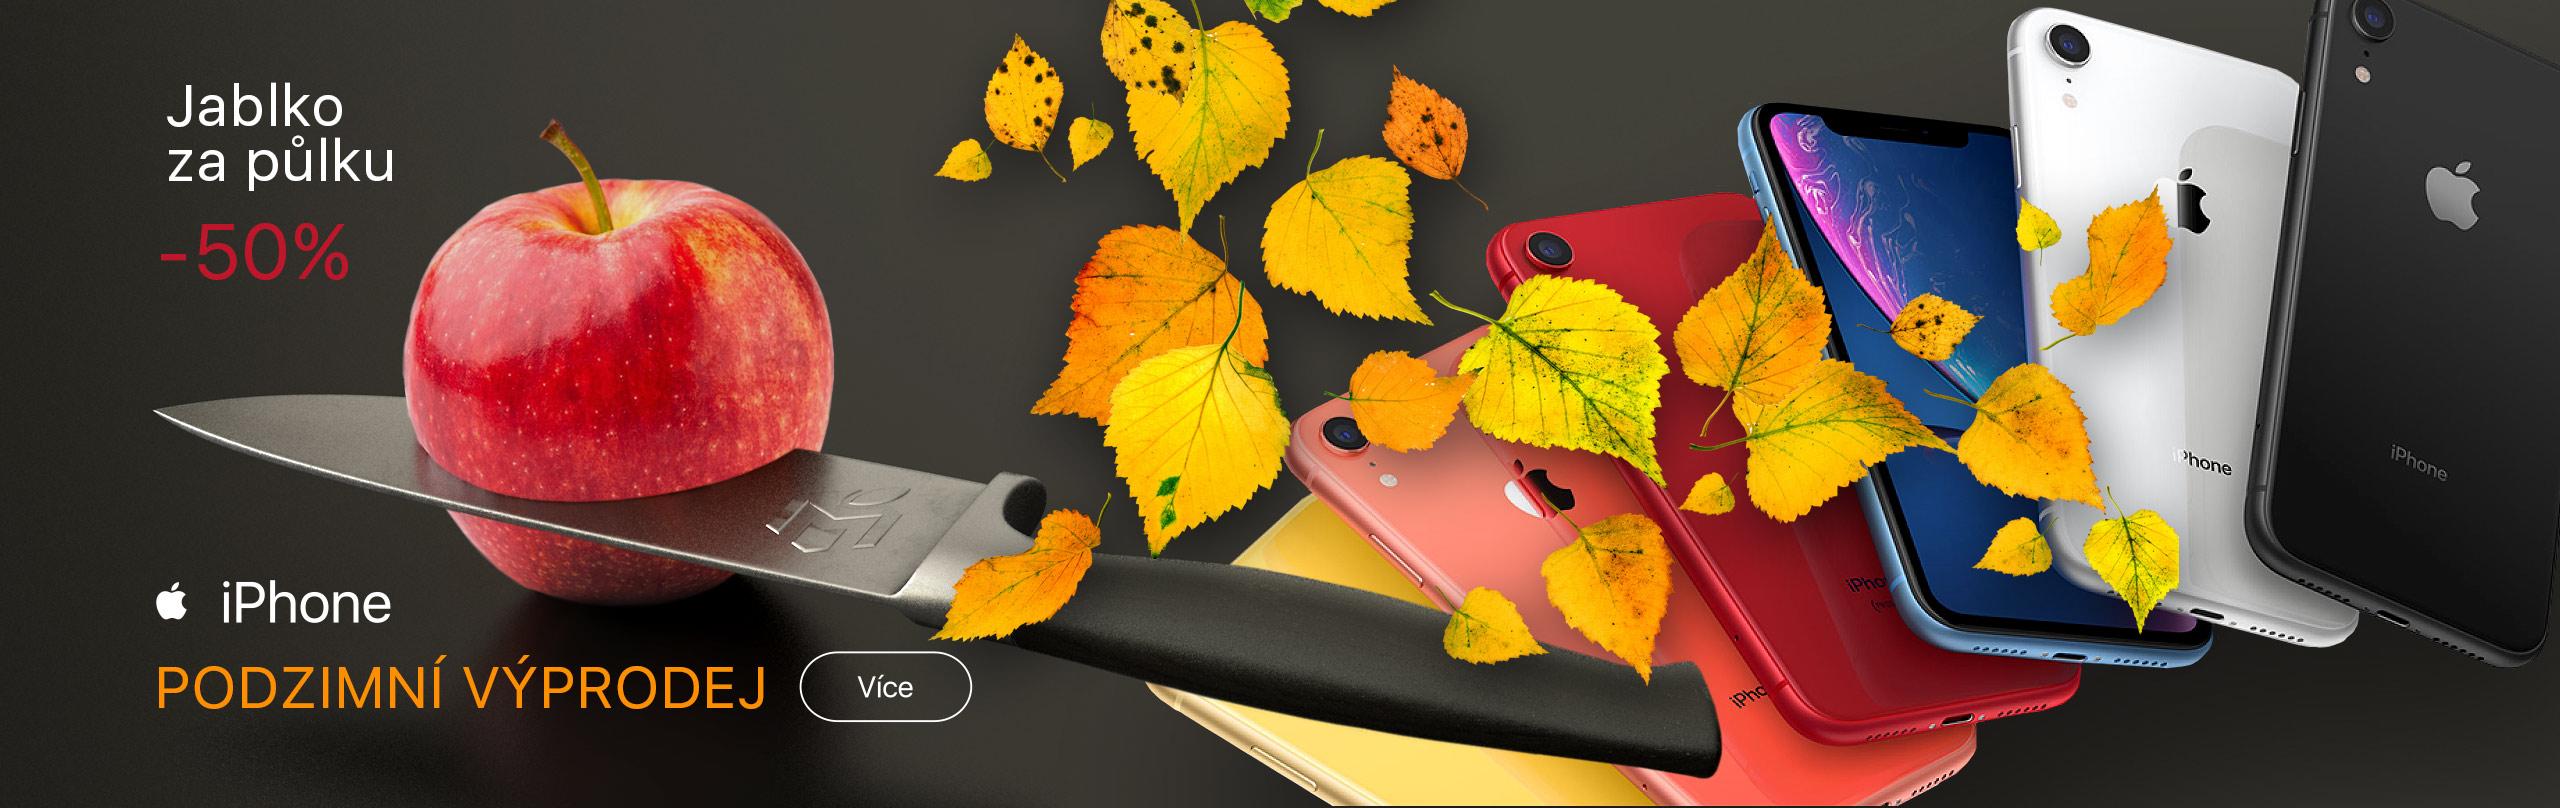 Podzimní výprodej